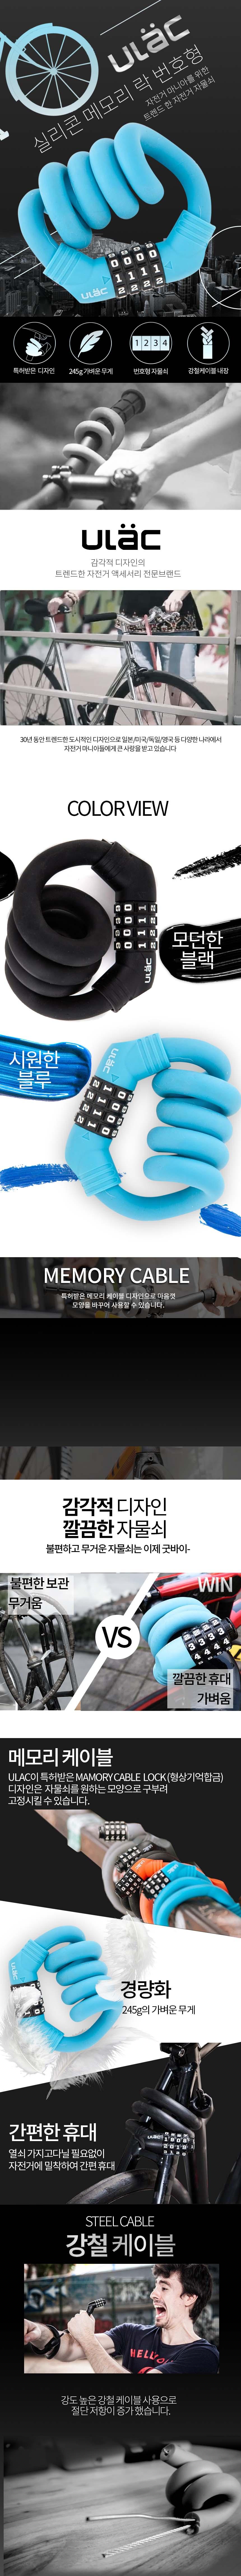 ULac 실리콘메모리락 자전거 자물쇠 (번호형 블루) - 집잇, 12,800원, 자전거 관리용품, 자물쇠